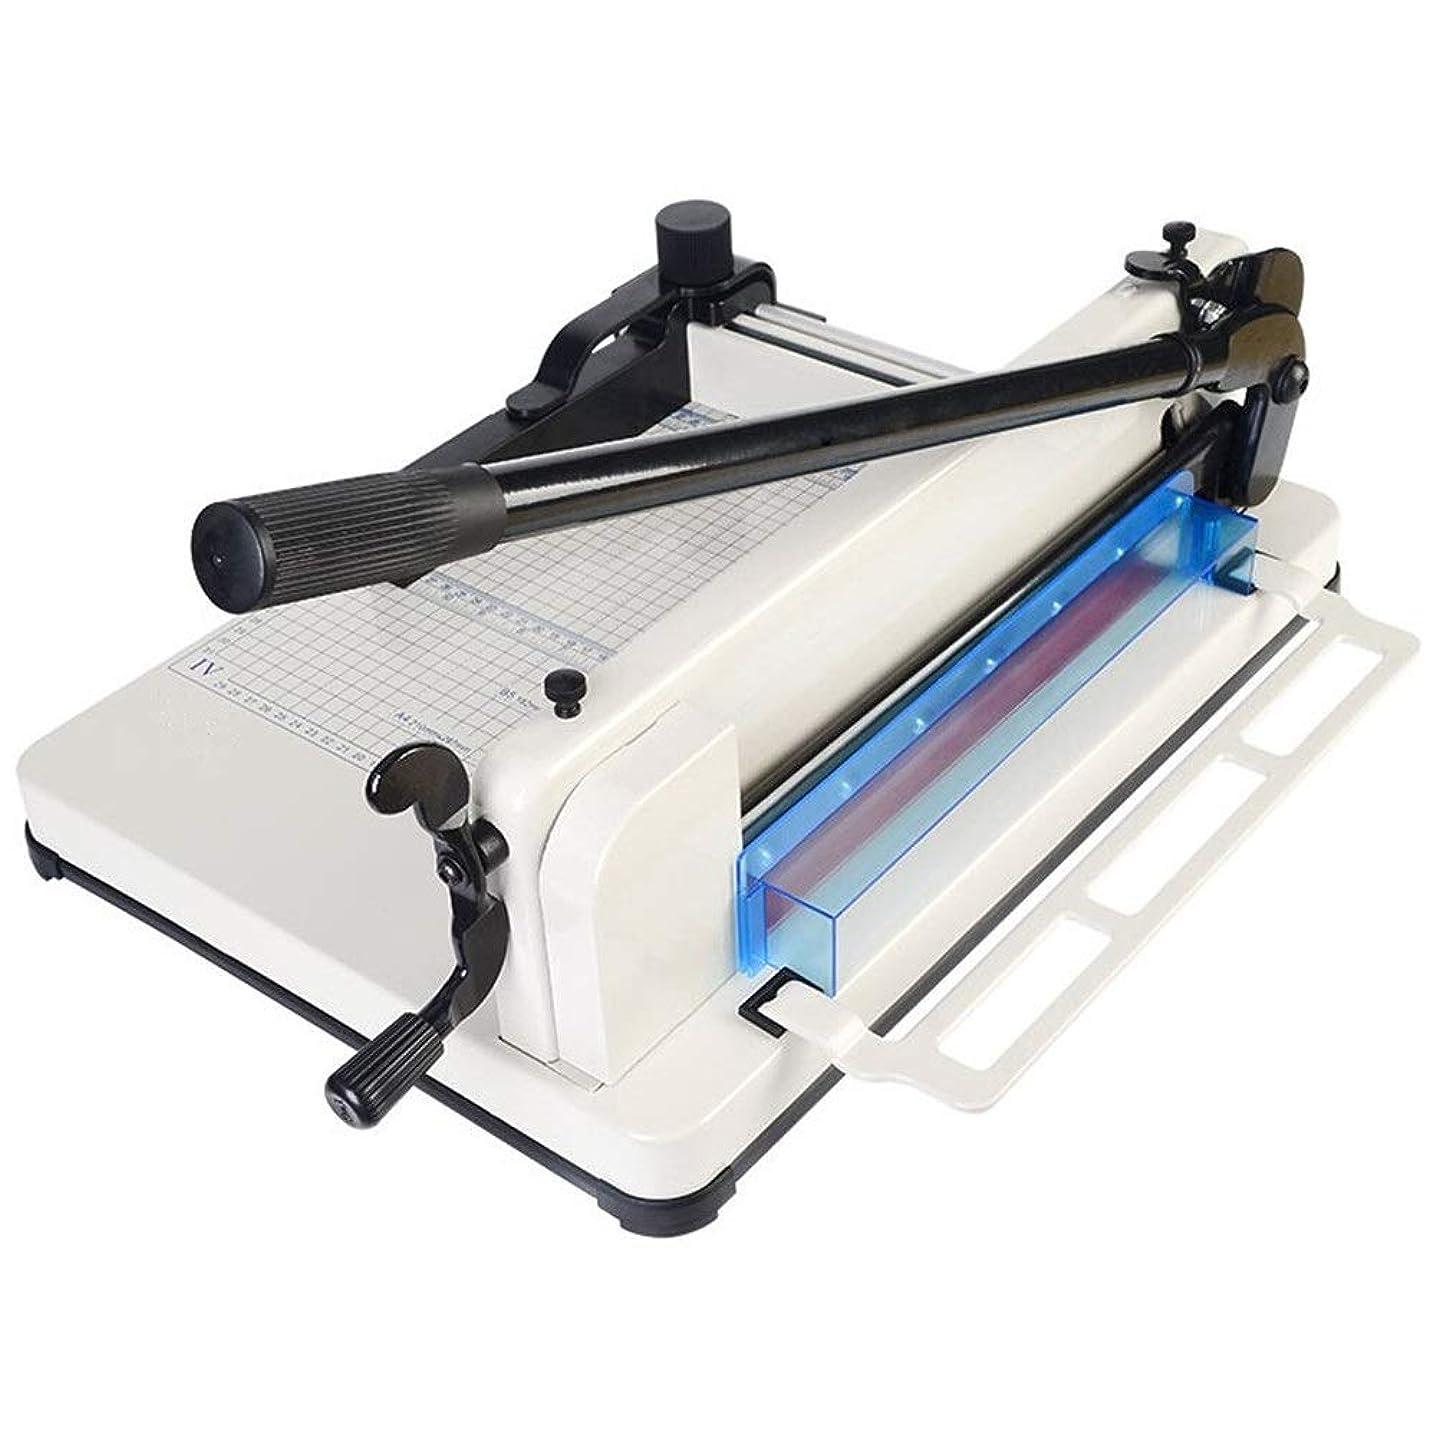 デコラティブ遠近法縞模様のペーパーカッター ヘビーデューティA4紙ギロチンカッタートリマー高速度鋼ブレード切断機 (色 : 白, サイズ : 61x21x39cm)